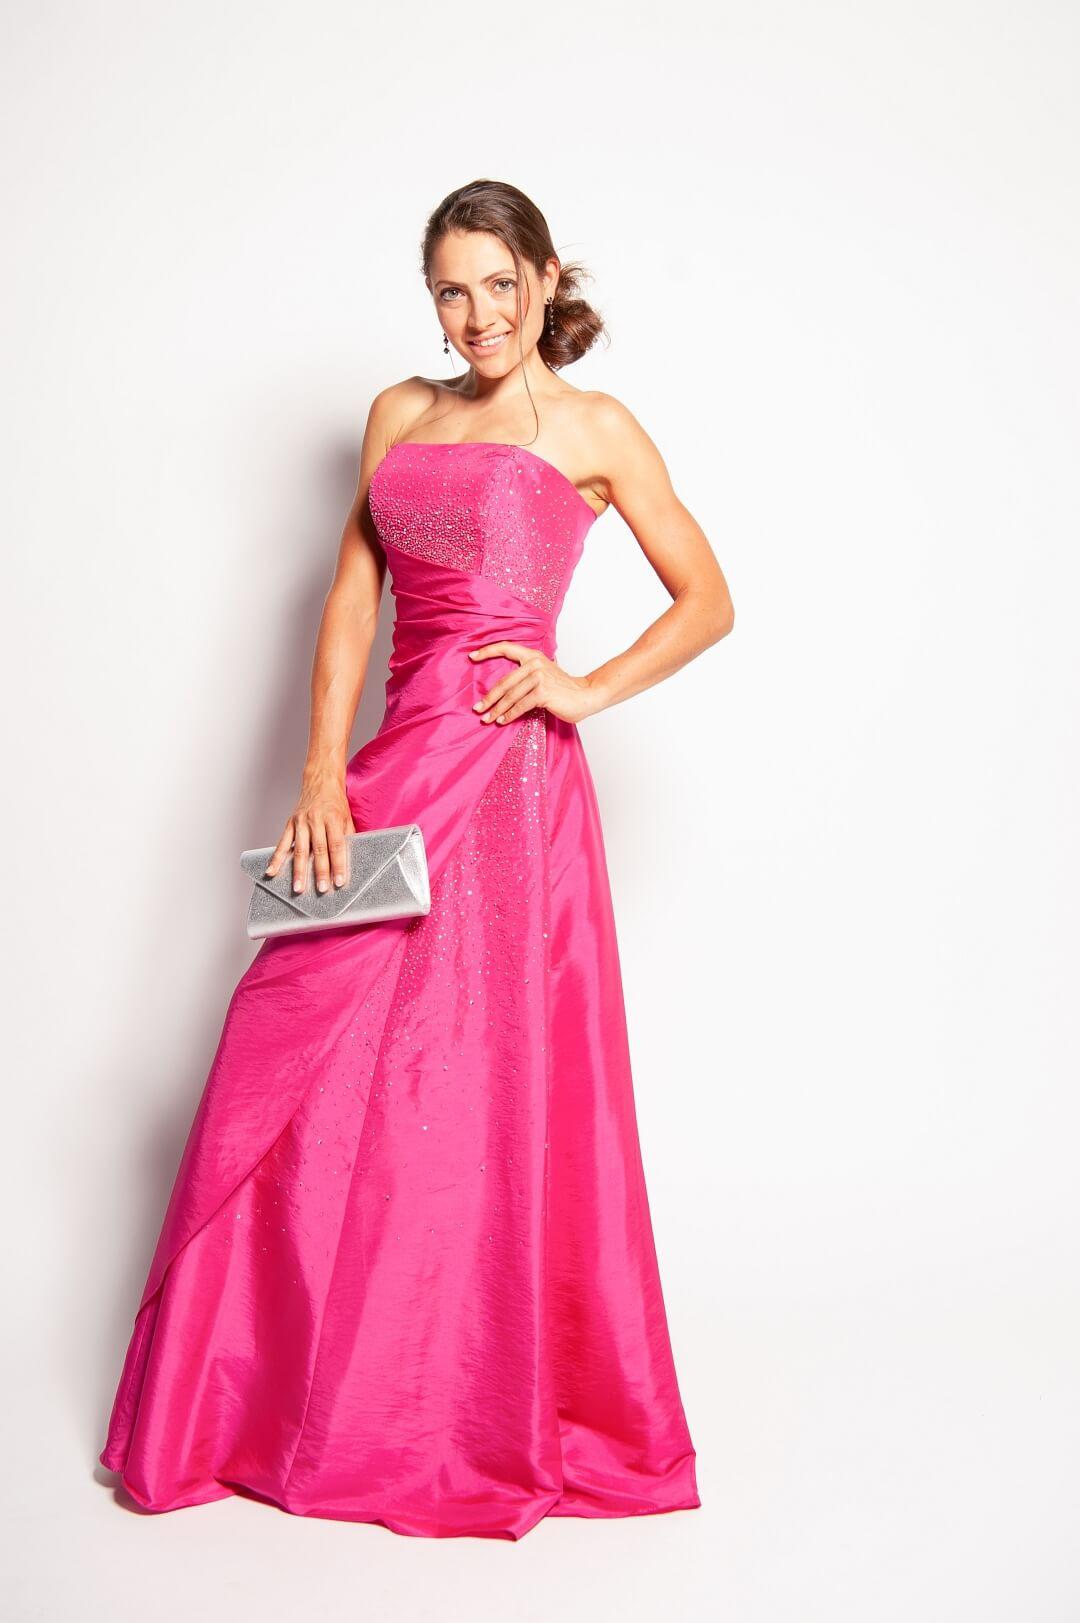 Luxus Abendkleider Festliche Abendbekleidung Boutique10 Luxurius Abendkleider Festliche Abendbekleidung Design